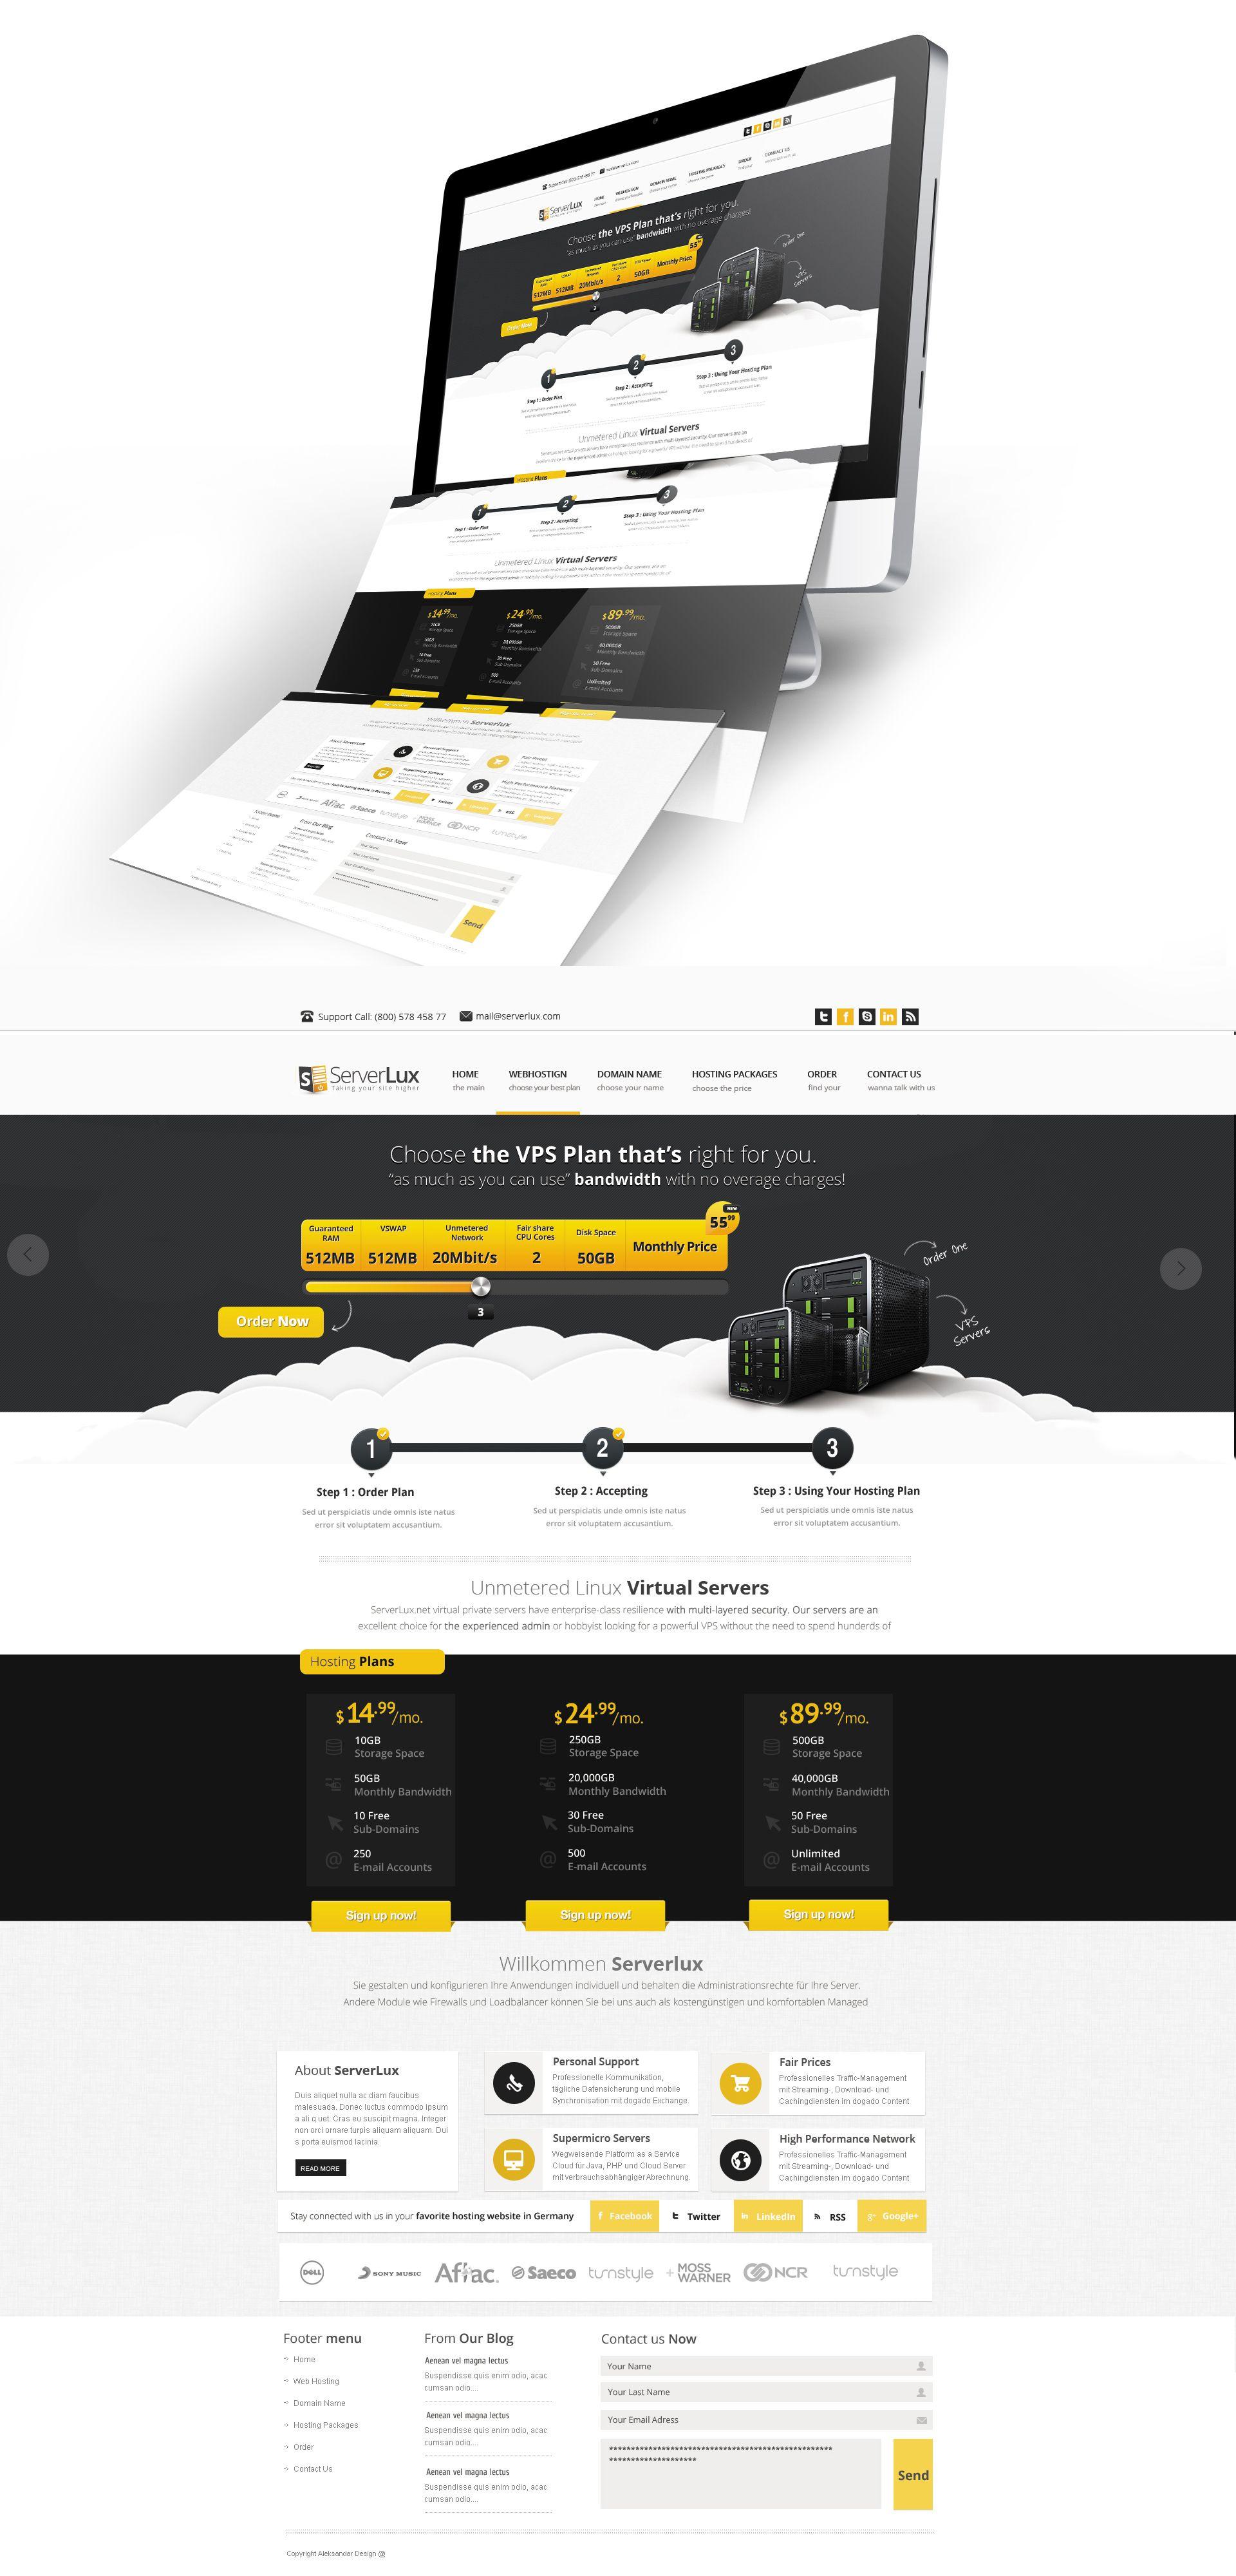 Proffesional Hosting Web Design By Vasiligfx On Deviantart Webdesign Online Web Design Web Design Web Design Services